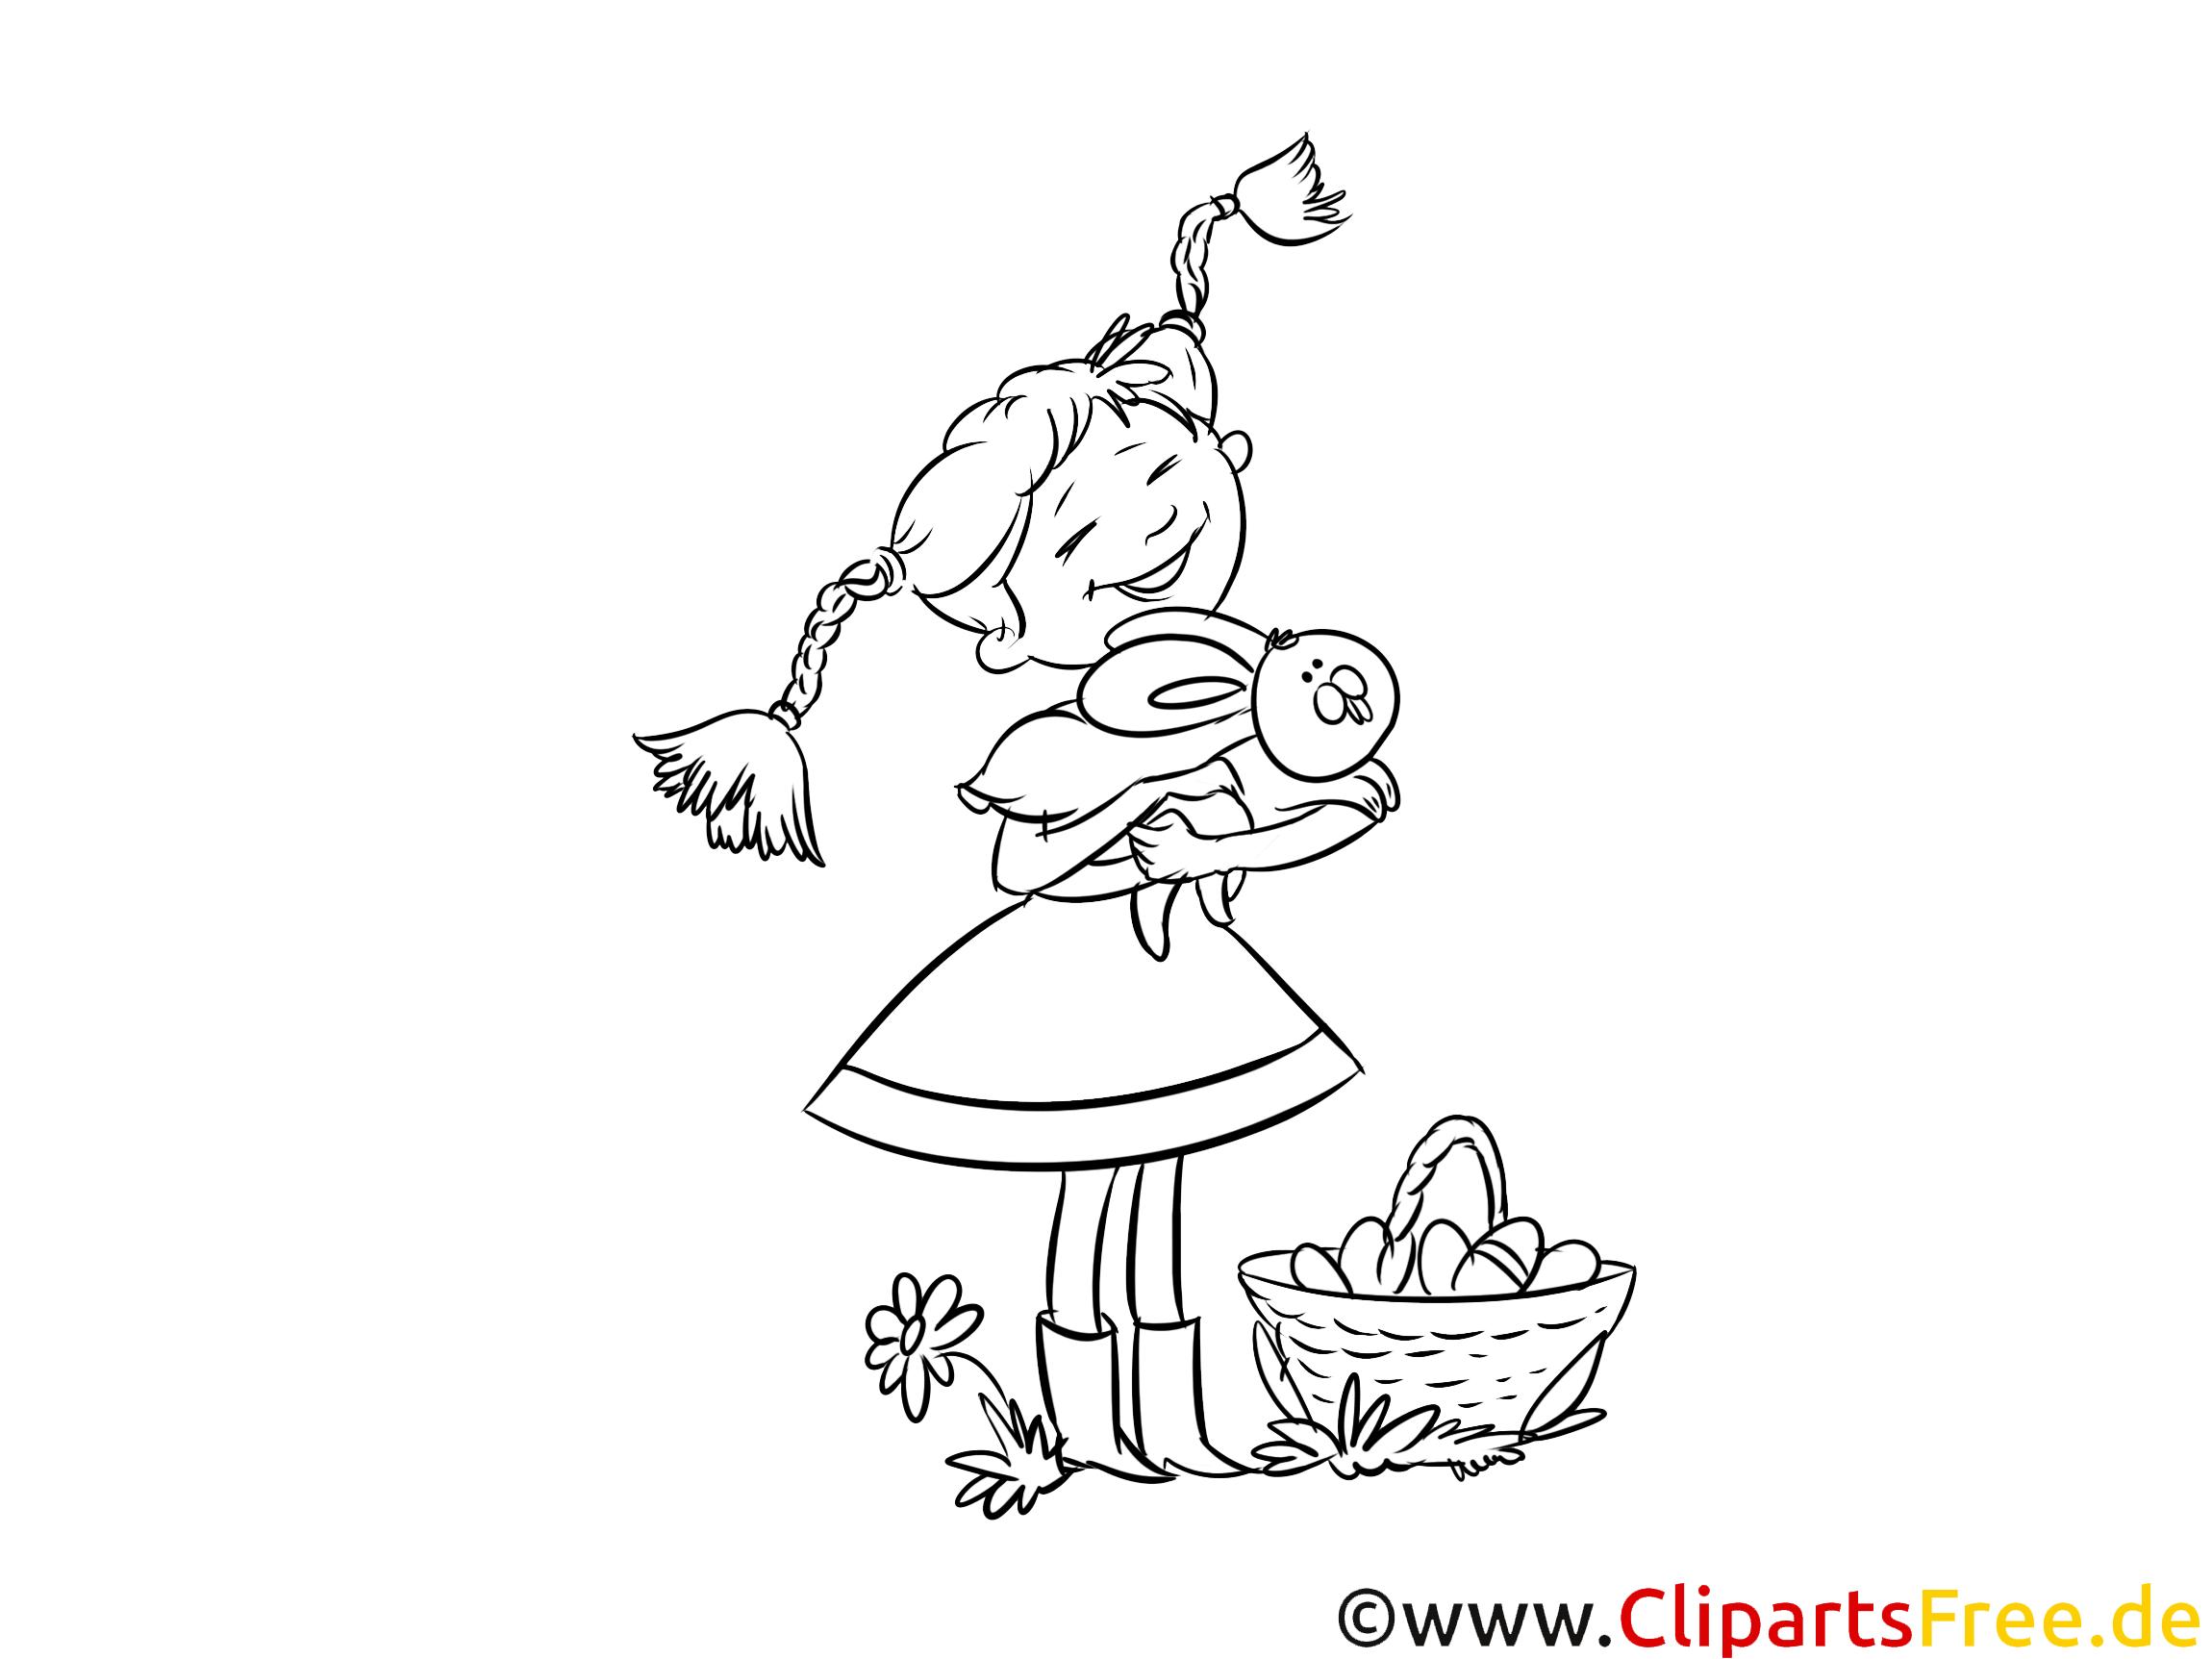 Pippi Langstrumpf Malvorlage Illustration Bild